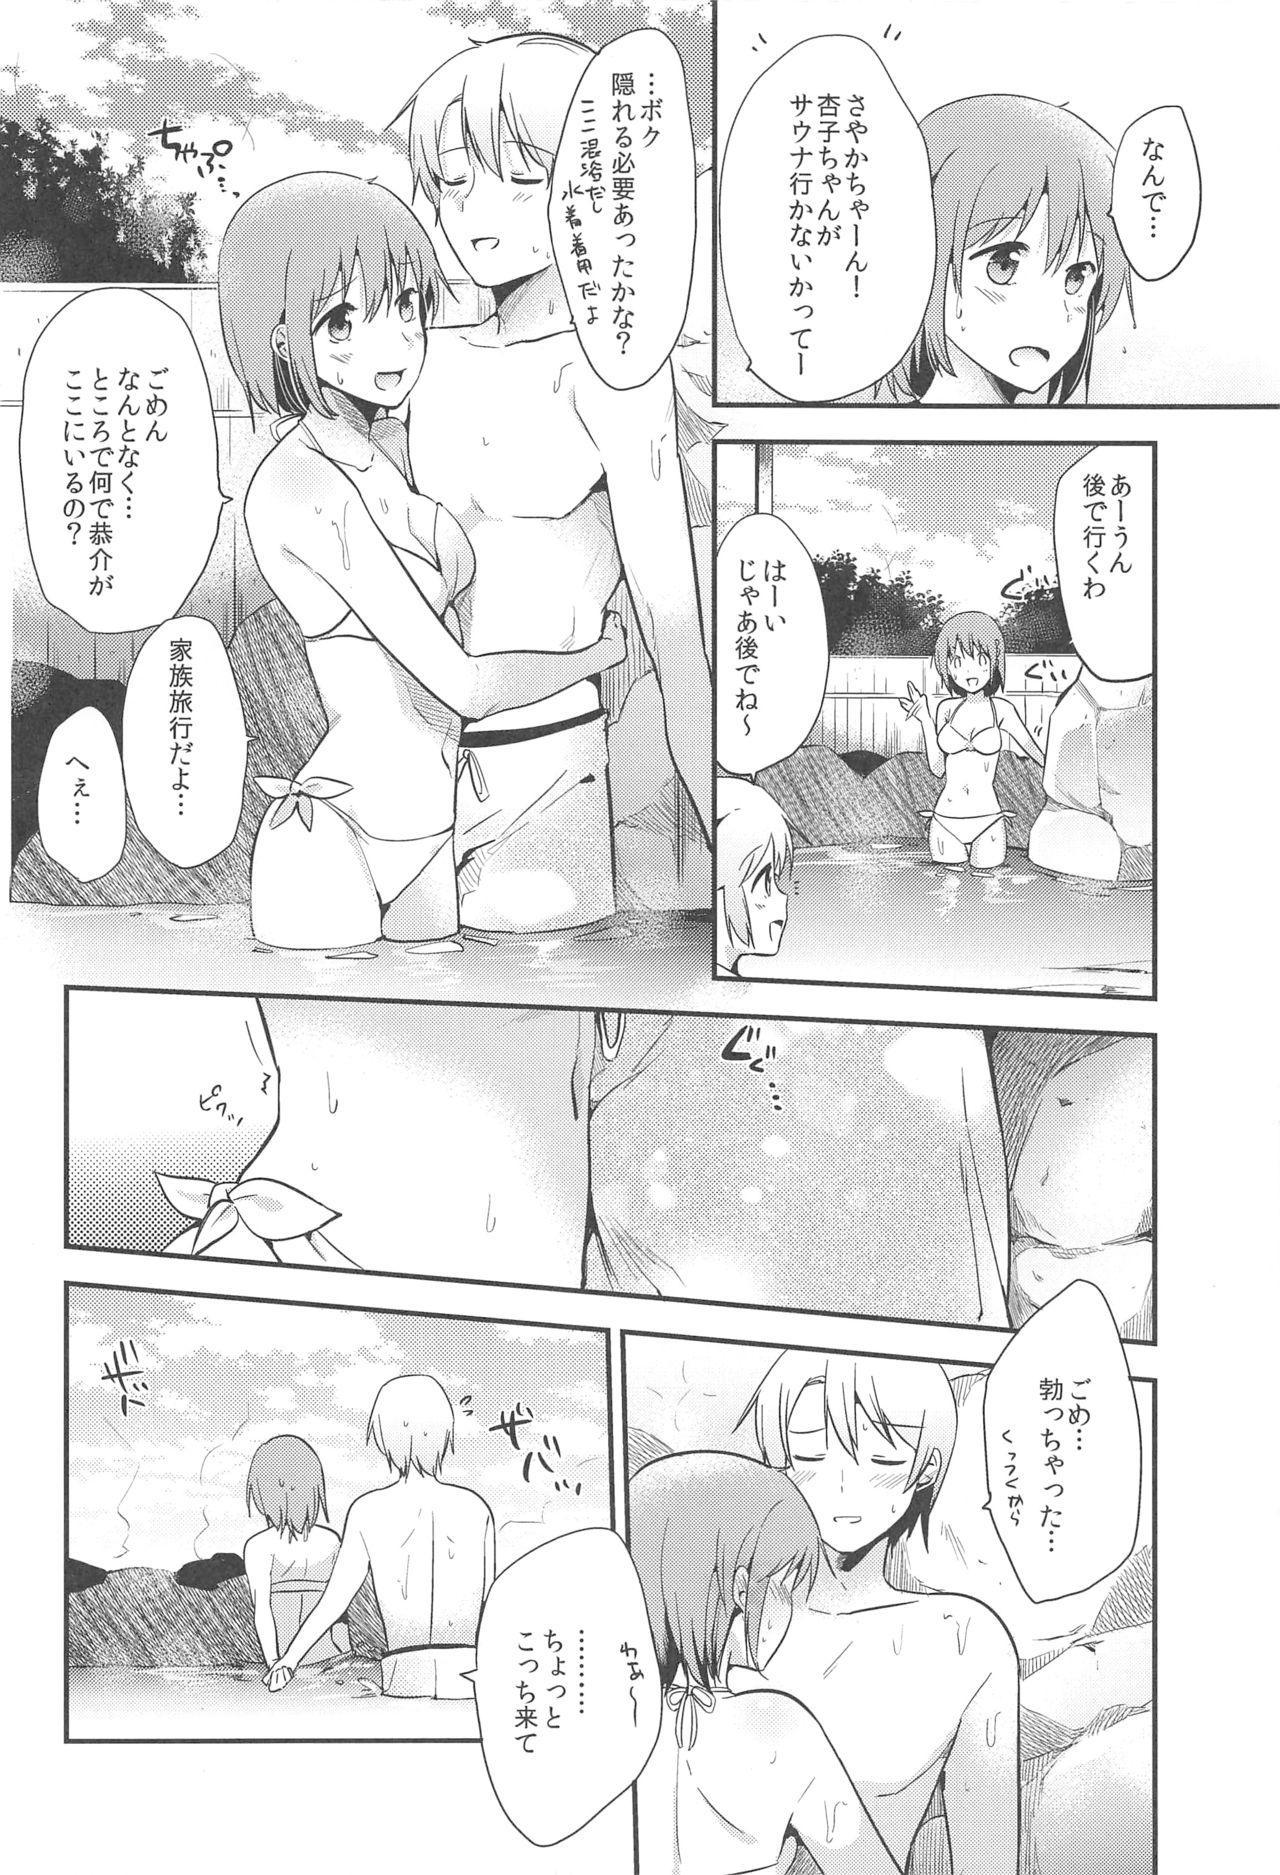 MadoHomu no Yu Puella Magi Dosukebe Onsen 24